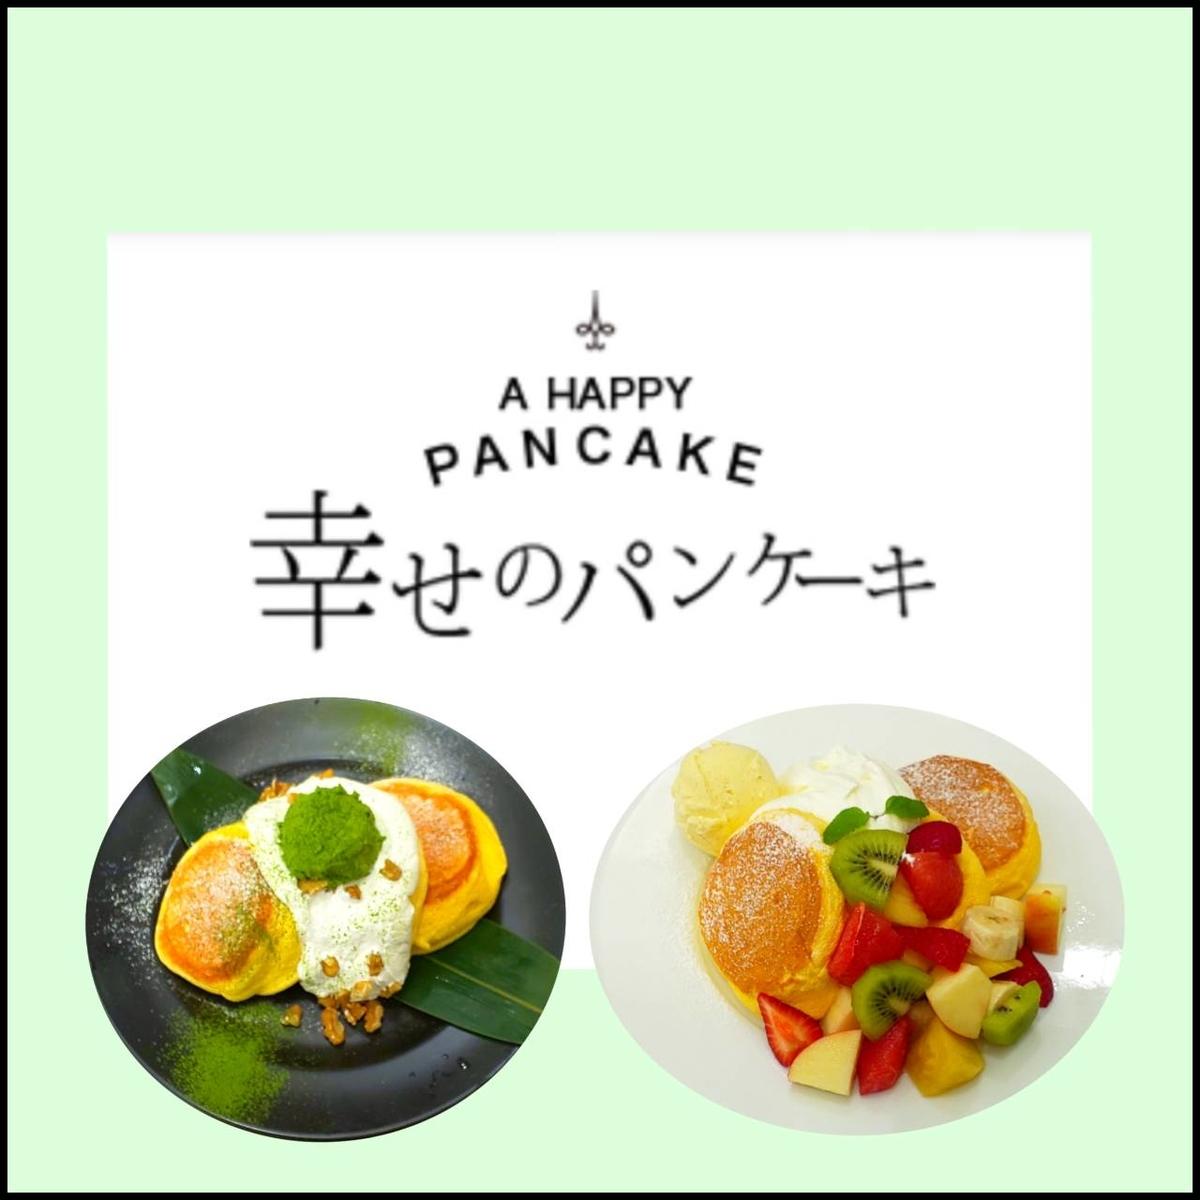 幸せのパンケーキ【福岡天神】LIFE